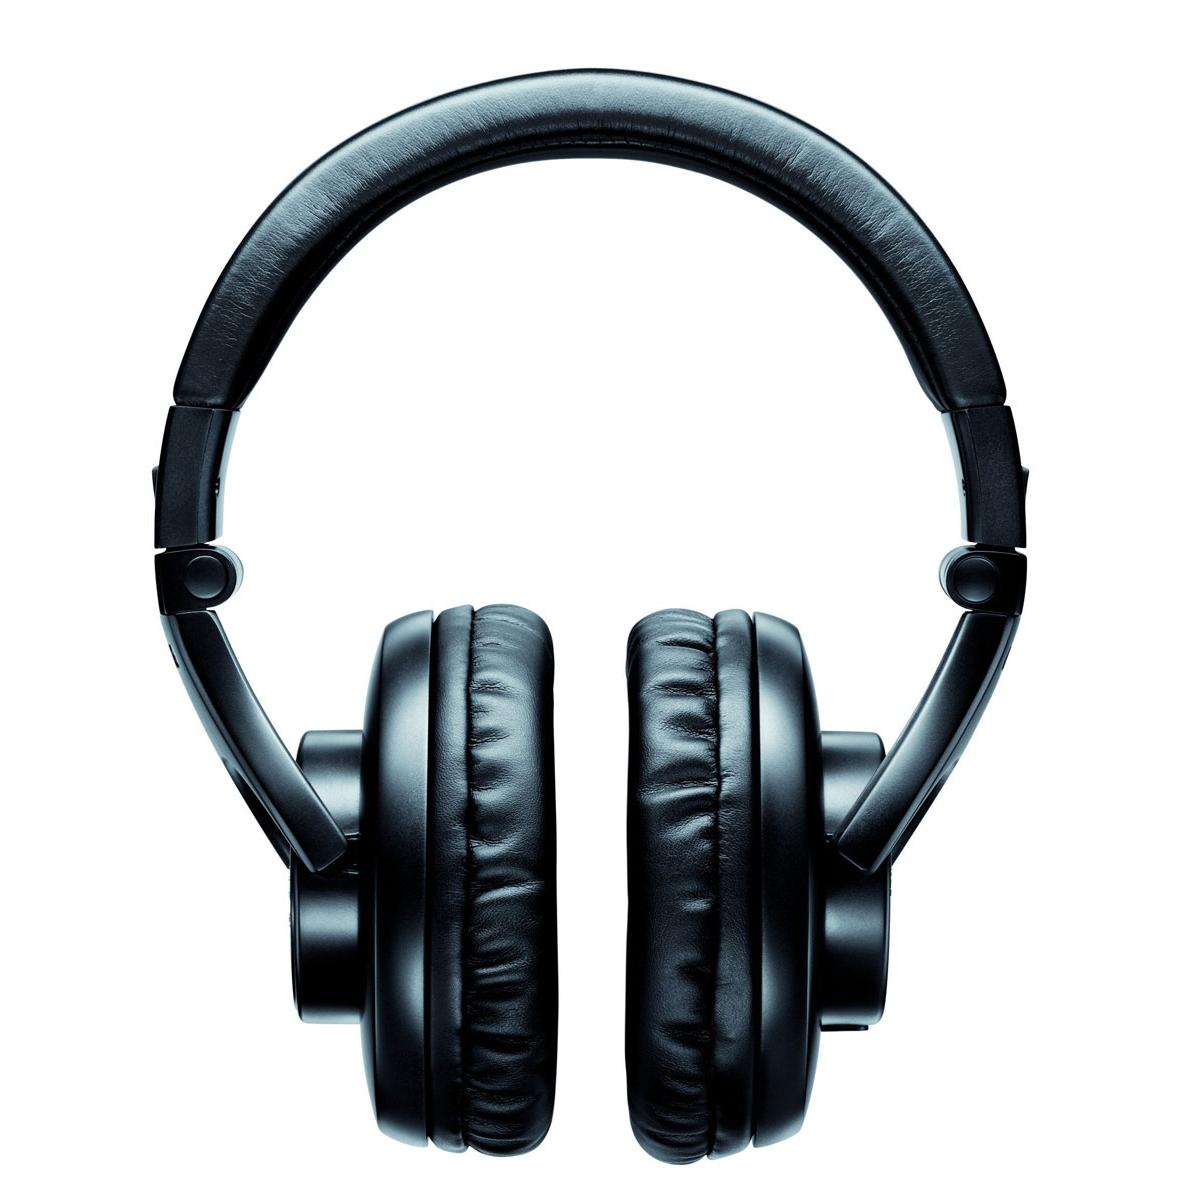 shure casque studio casques audios ear monitors. Black Bedroom Furniture Sets. Home Design Ideas